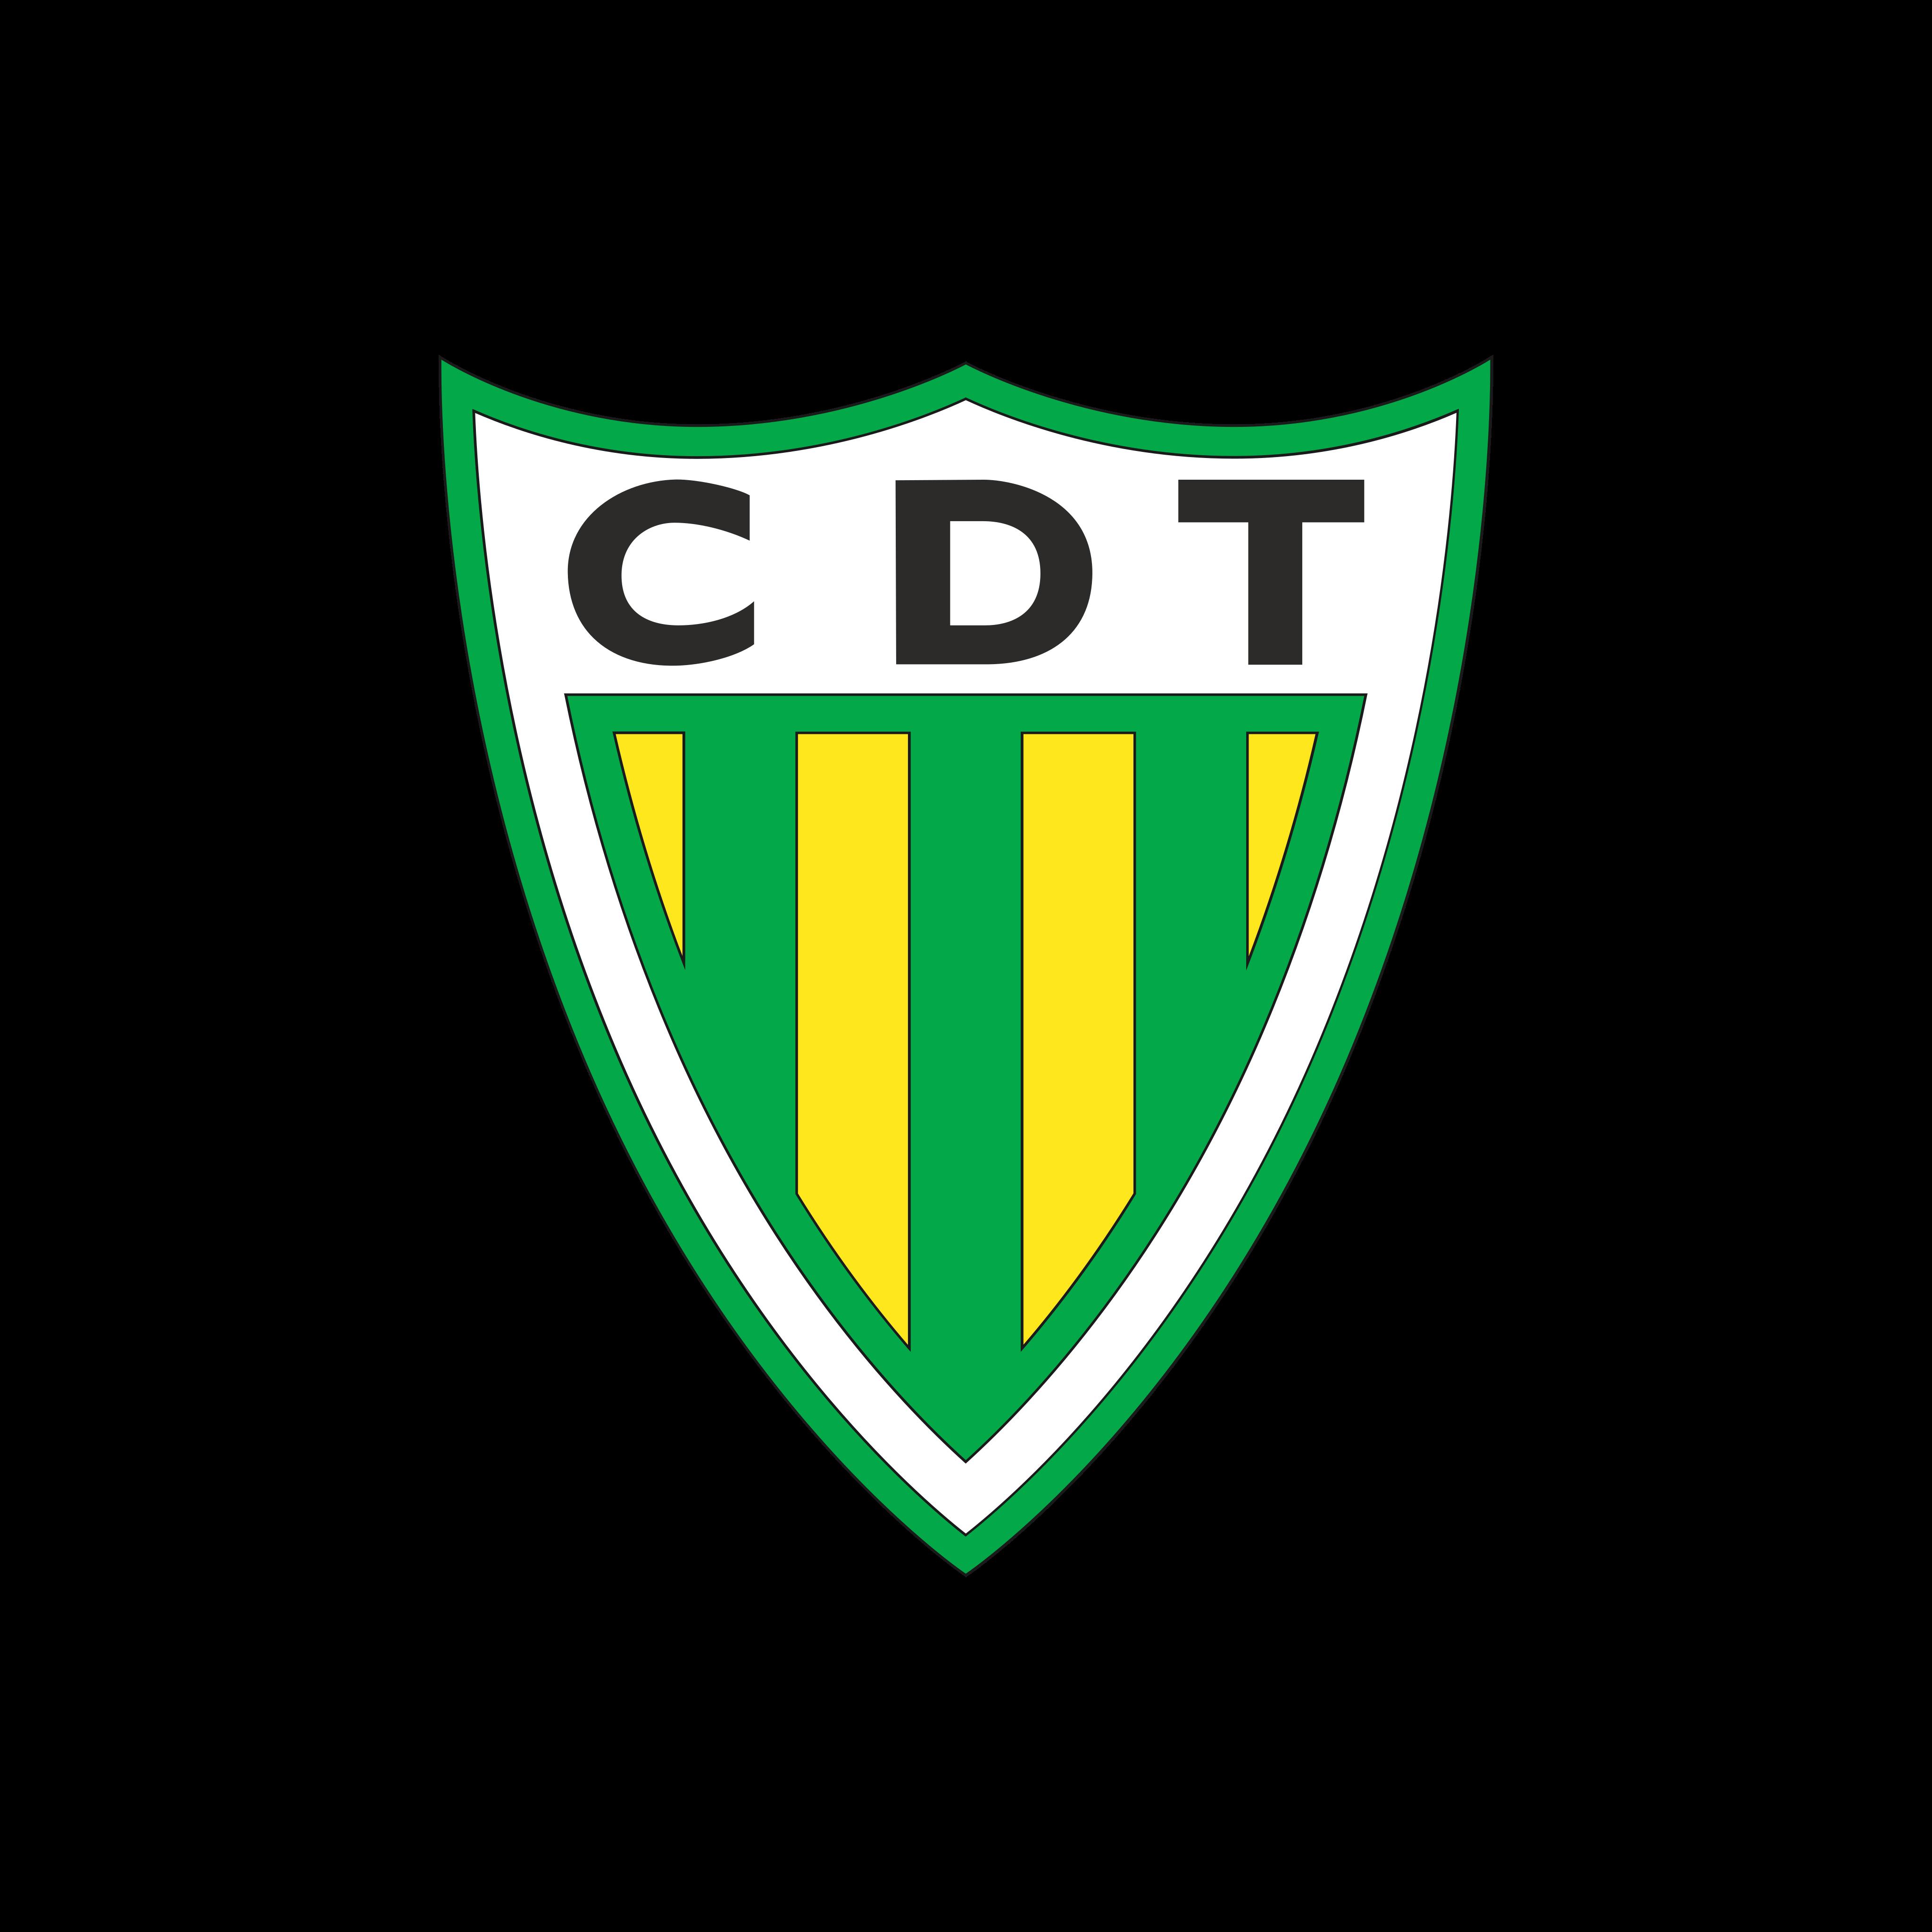 cd tondela logo 0 - Tondela Logo